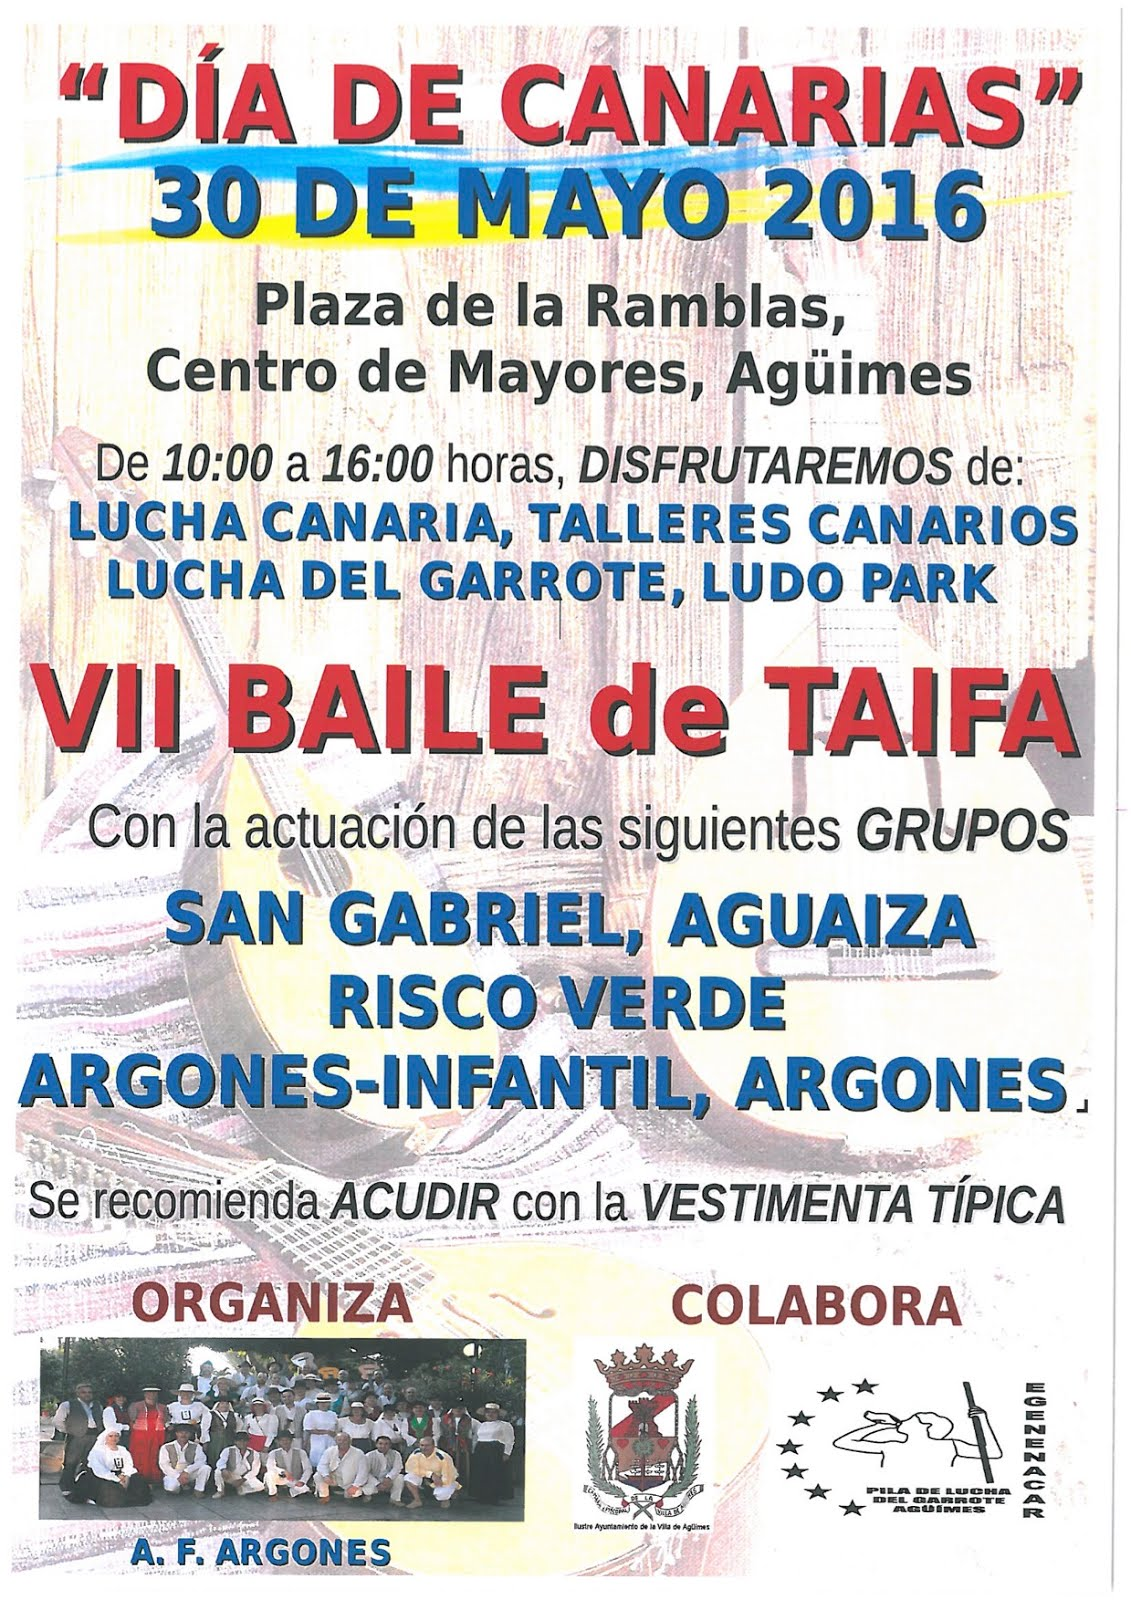 A.F. Argones - día de Canarias